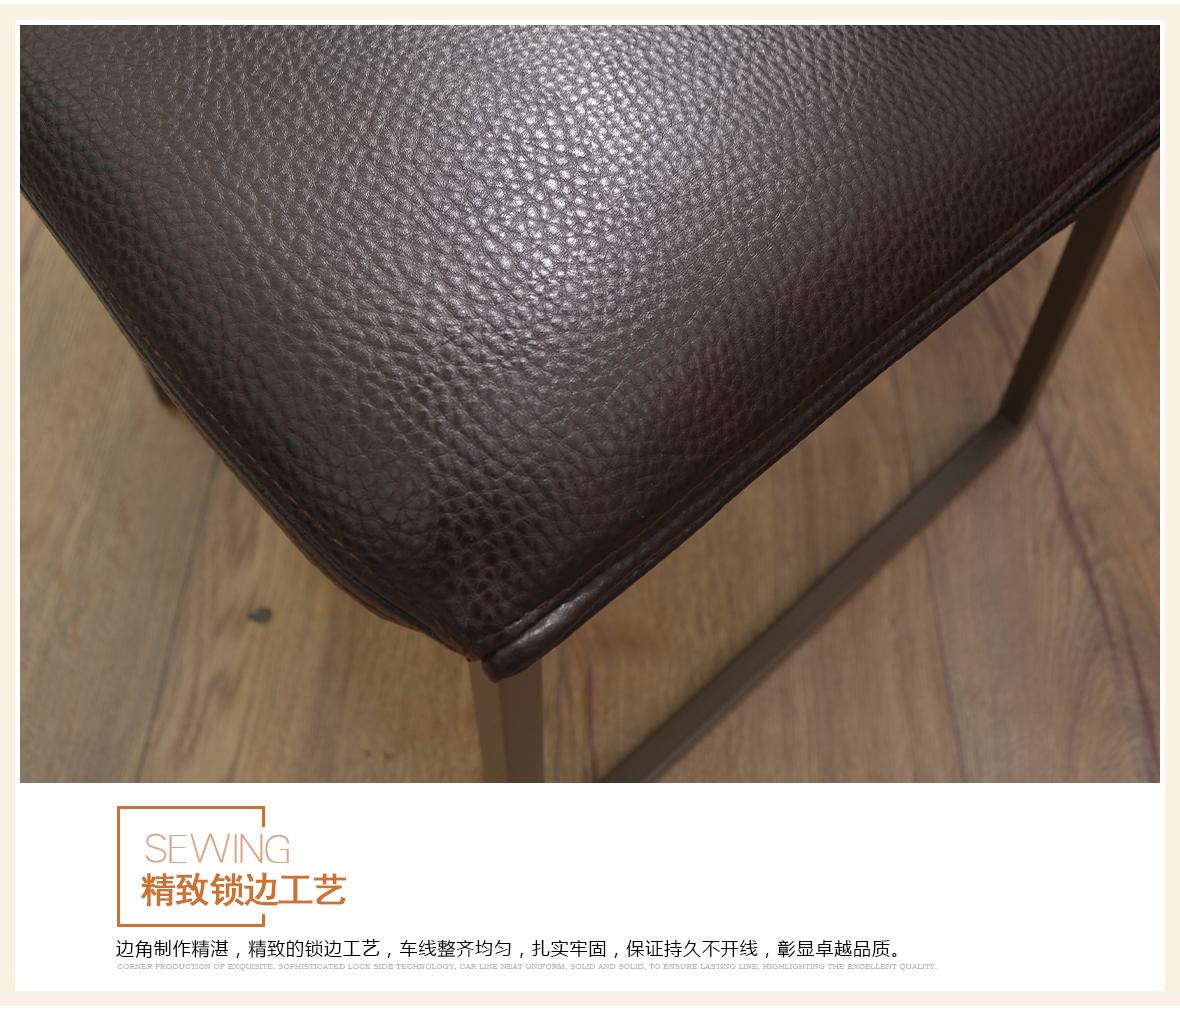 飞美家具 B-CK02型号餐椅靠背椅 优质方钢底架椅子图片、价格、品牌、评测样样齐全!【蓝景商城正品行货,蓝景丽家大钟寺家居广场提货,北京地区配送,领券更优惠,线上线下同品同价,立即购买享受更多优惠哦!】